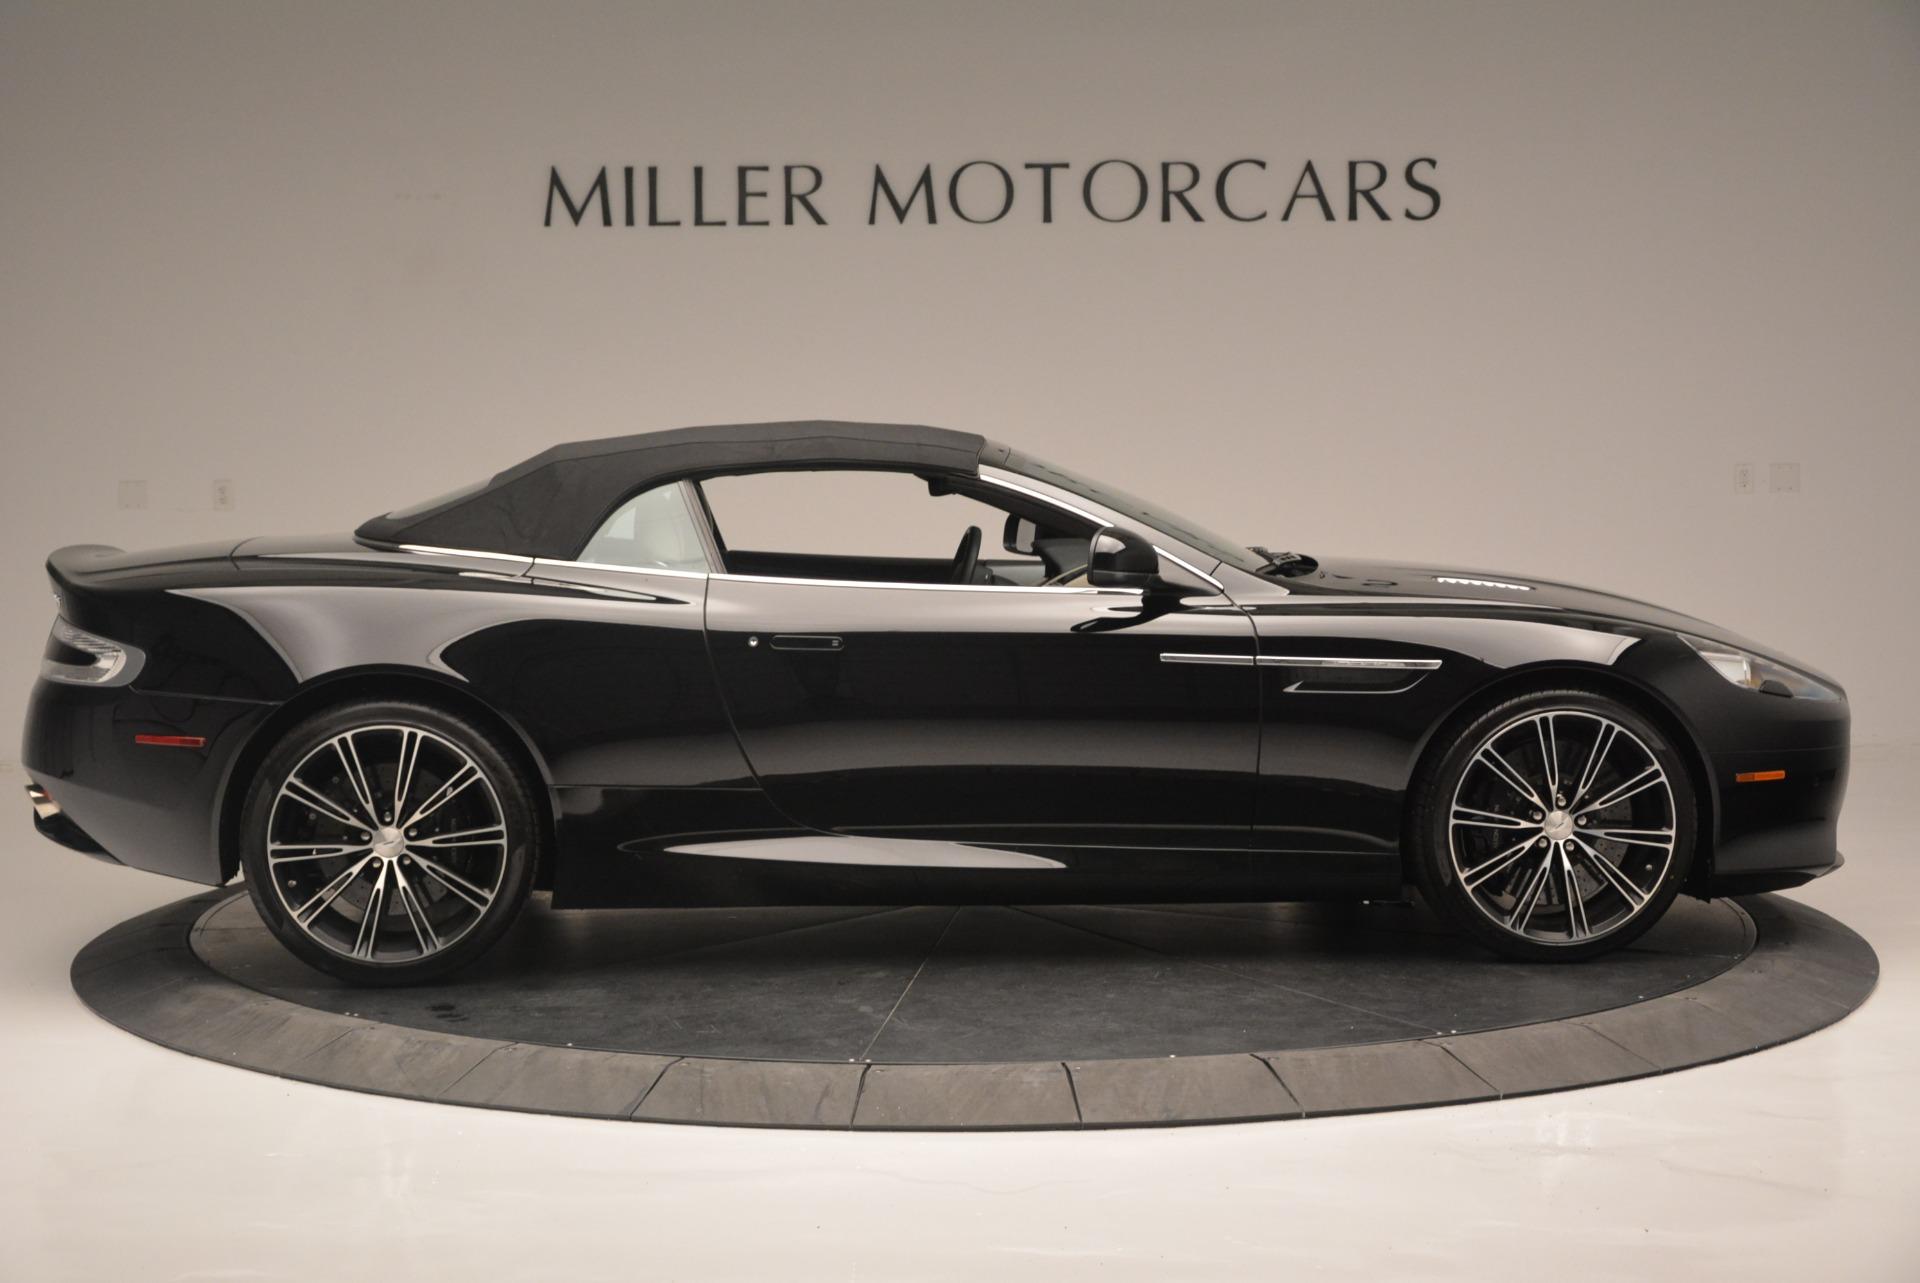 Used 2015 Aston Martin DB9 Volante For Sale In Greenwich, CT. Alfa Romeo of Greenwich, 7389 2318_p16